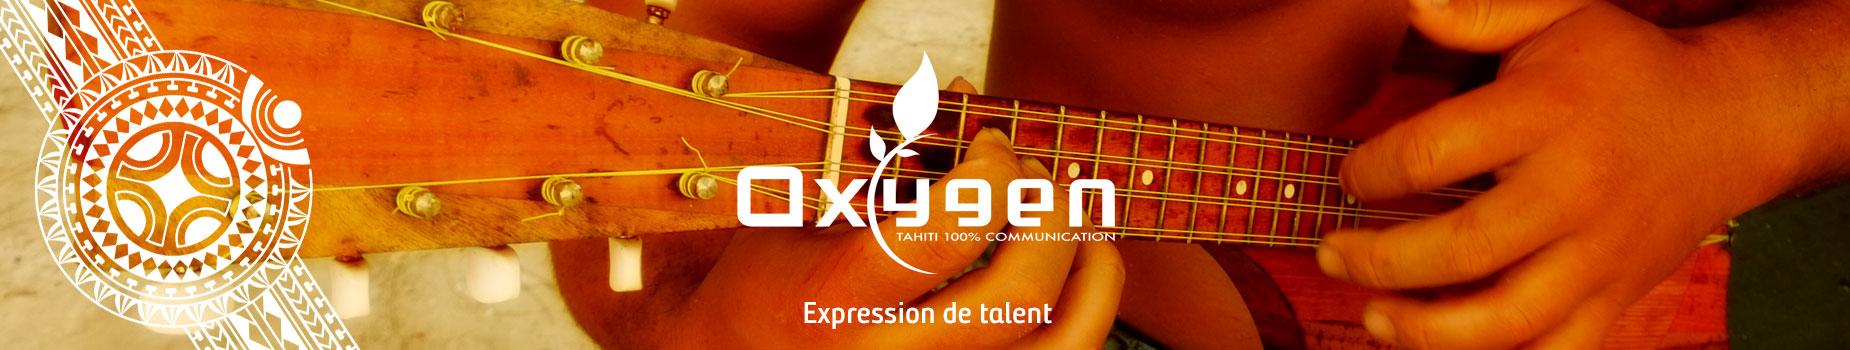 bandeaux-web-oxygen-new-5